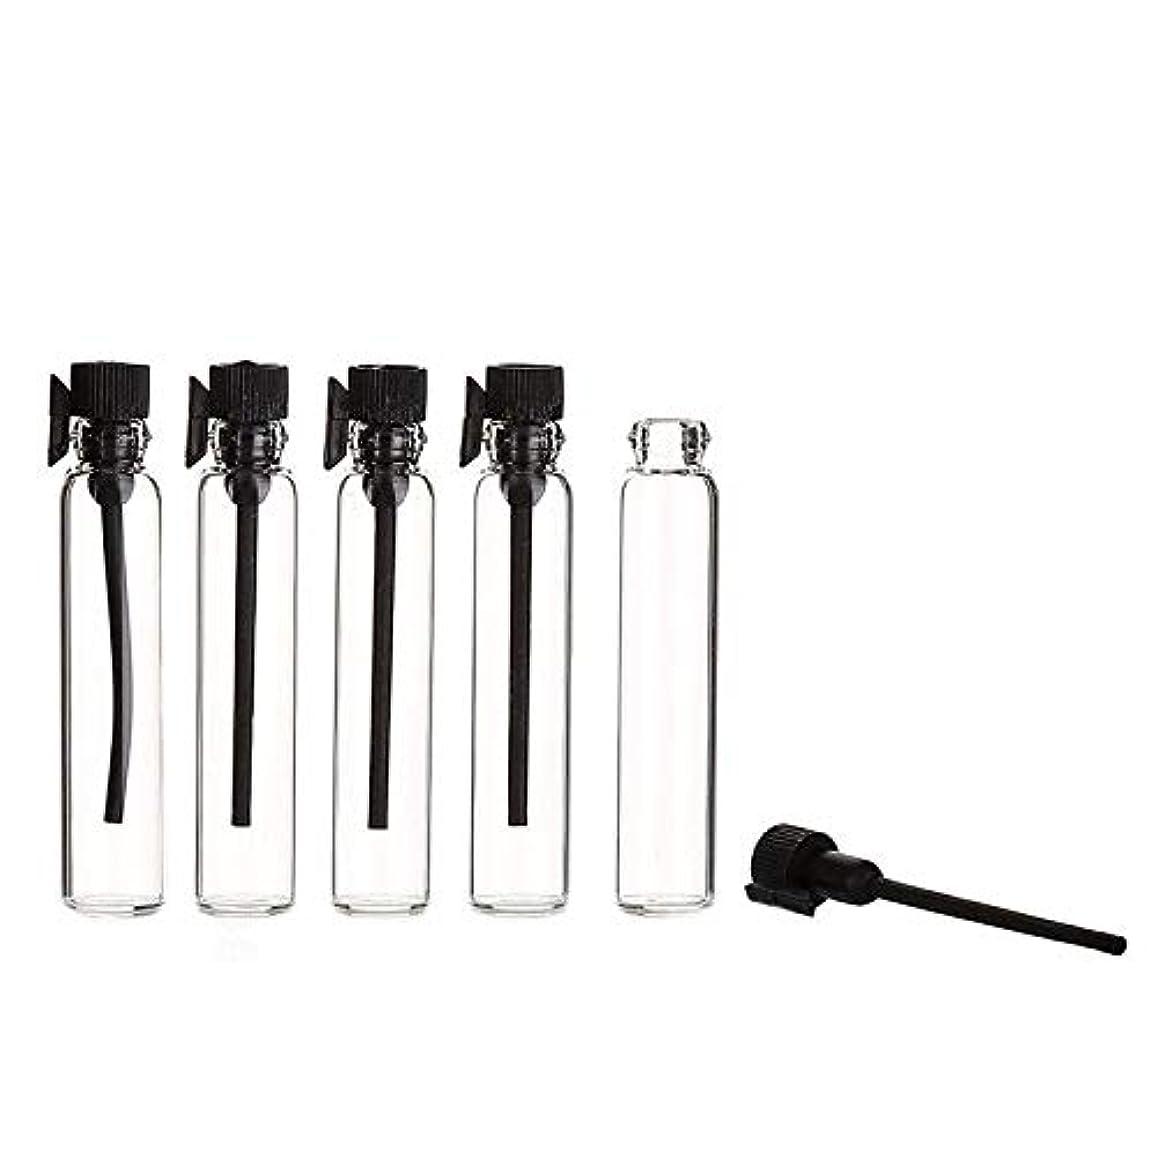 敵対的放棄する適応的YouPei® 2ml ミニサンプルかわいいガラス旅行オイル香水瓶ドロップスプレー空のサンプルボトルエッセンシャルオイル-50個